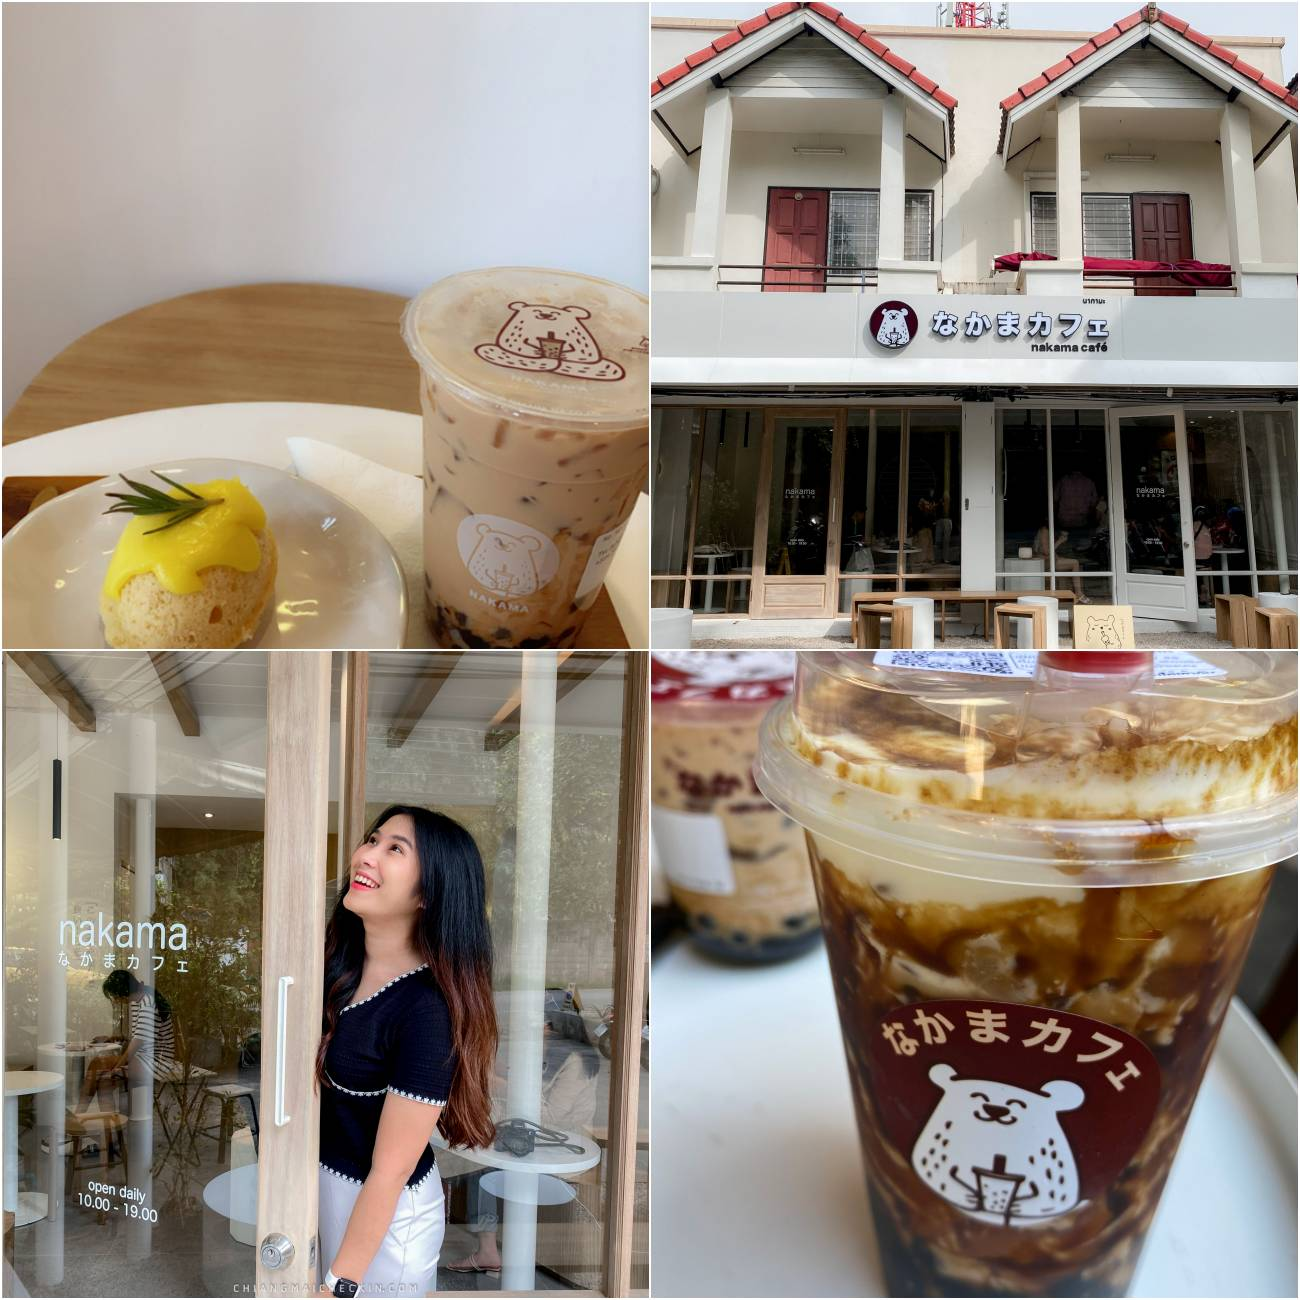 NAKAMA Cafe สายชานมไข่มุกต้องว้าววววแน่นอน ร้านดังเชียงใหม่ตัวชาที่หอมเป็นเอกลักษณ์ และมุกที่มีความหนึบๆเคี้ยวเพลินมวากก